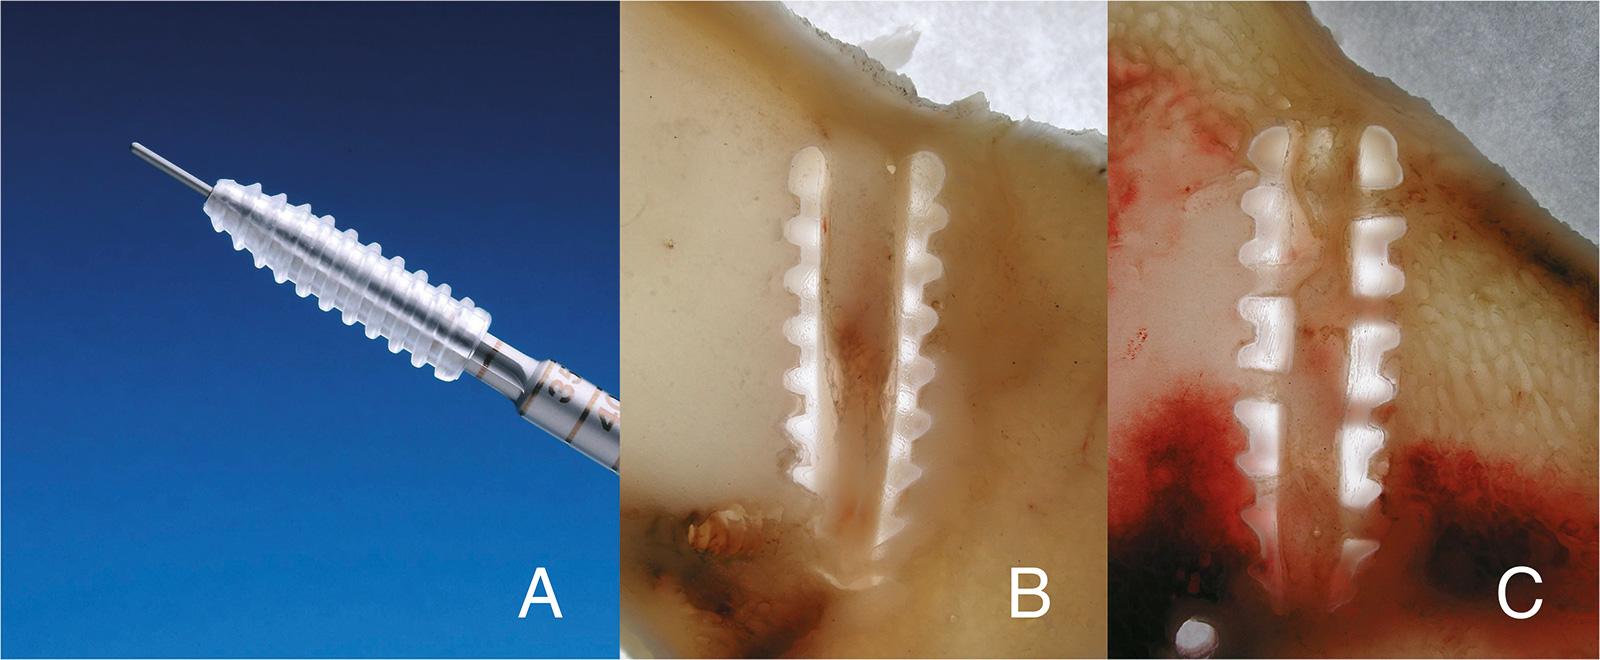 Abb. 2-44: Bioresorbierbare Interferenzschraube (A), das knöcherne Einwachsverhalten wird durch die Hohlschraube verbessert (B,C) (Karl Storz GmbH & Co KG)